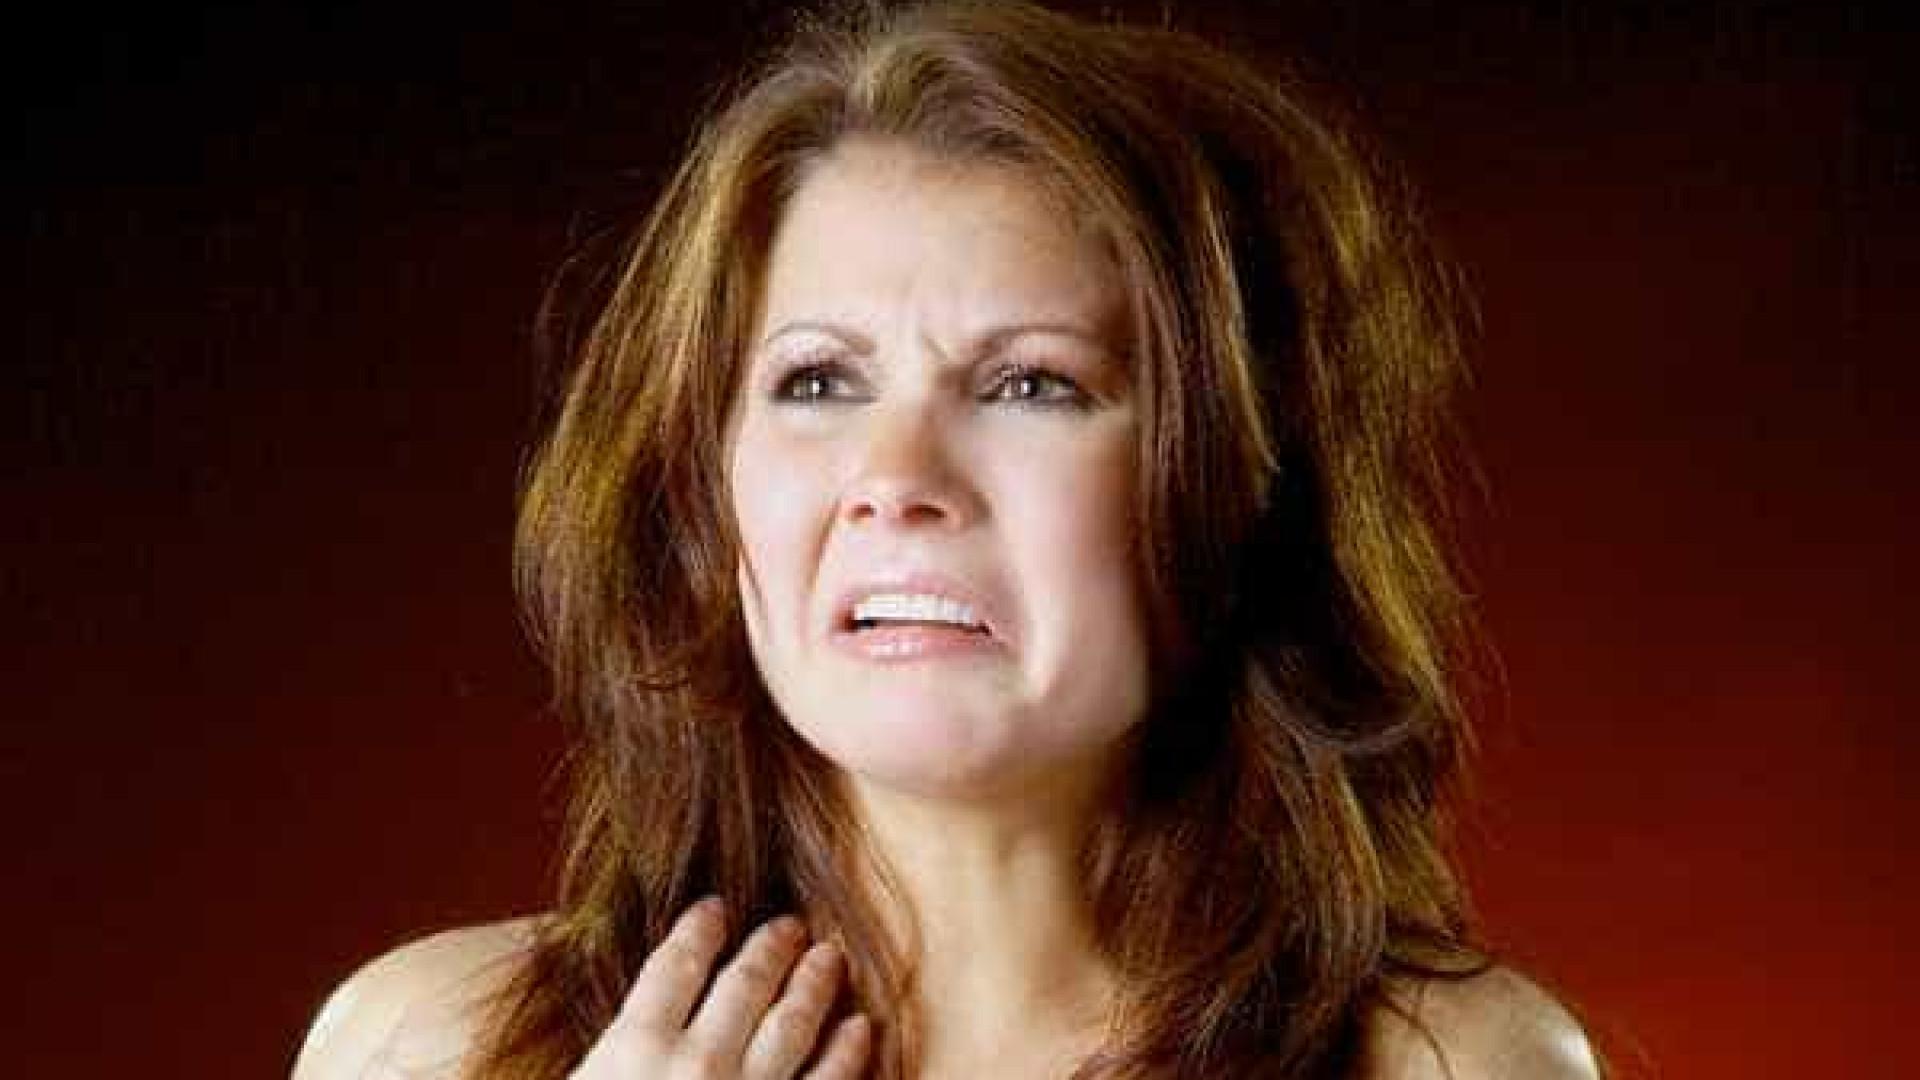 10 coisas muito nojentas que as mulheres fazem